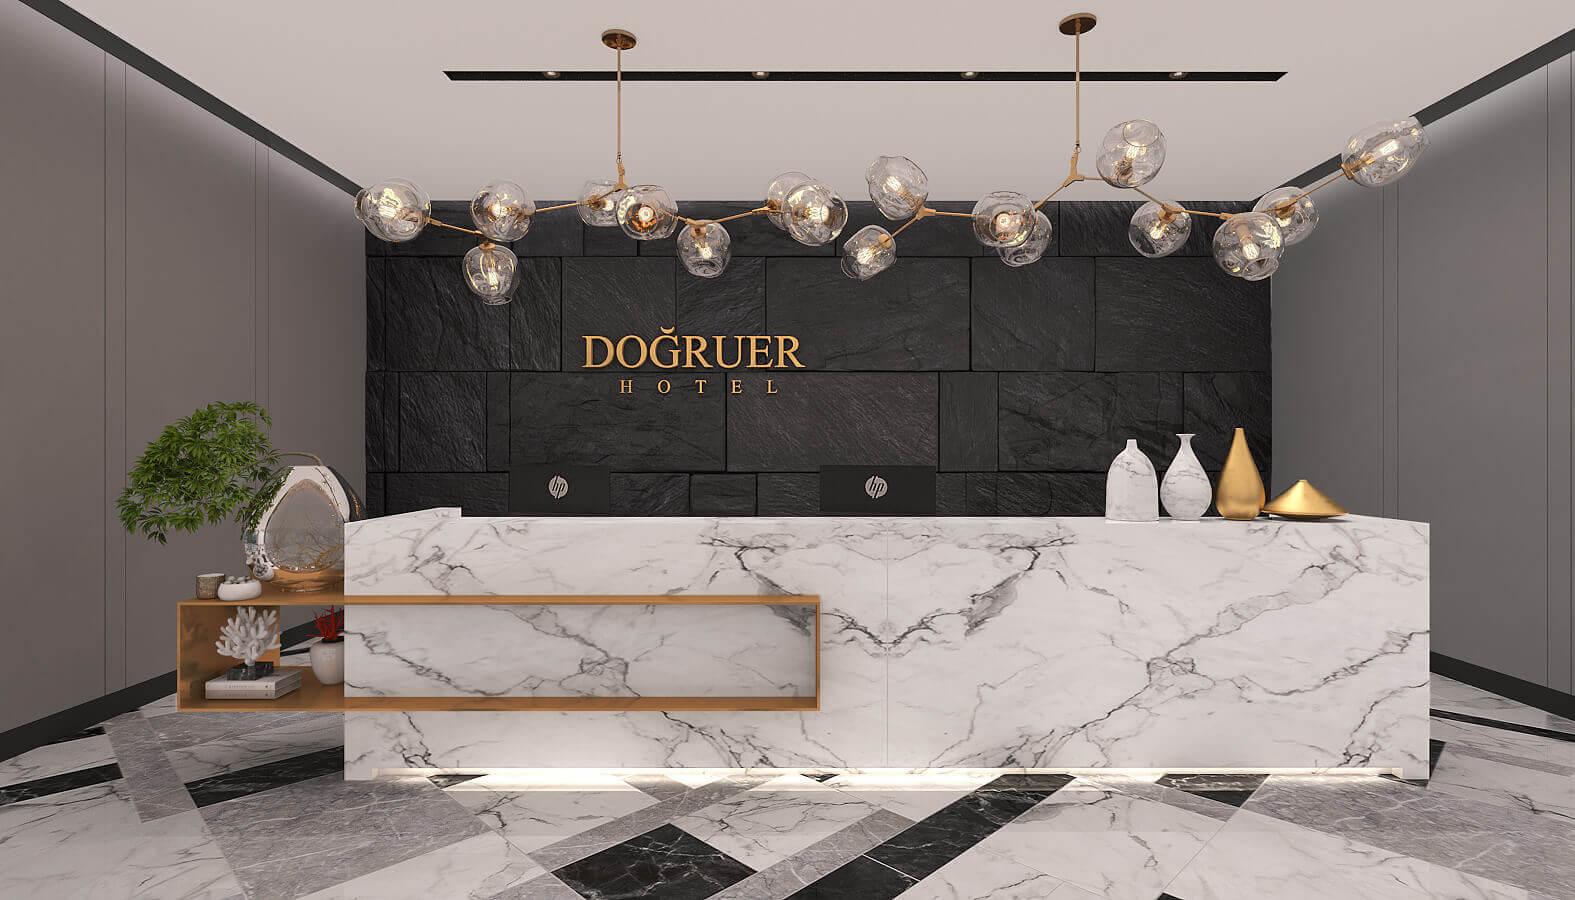 ankara otel mimar 3578 Doğruer hotel Oteller